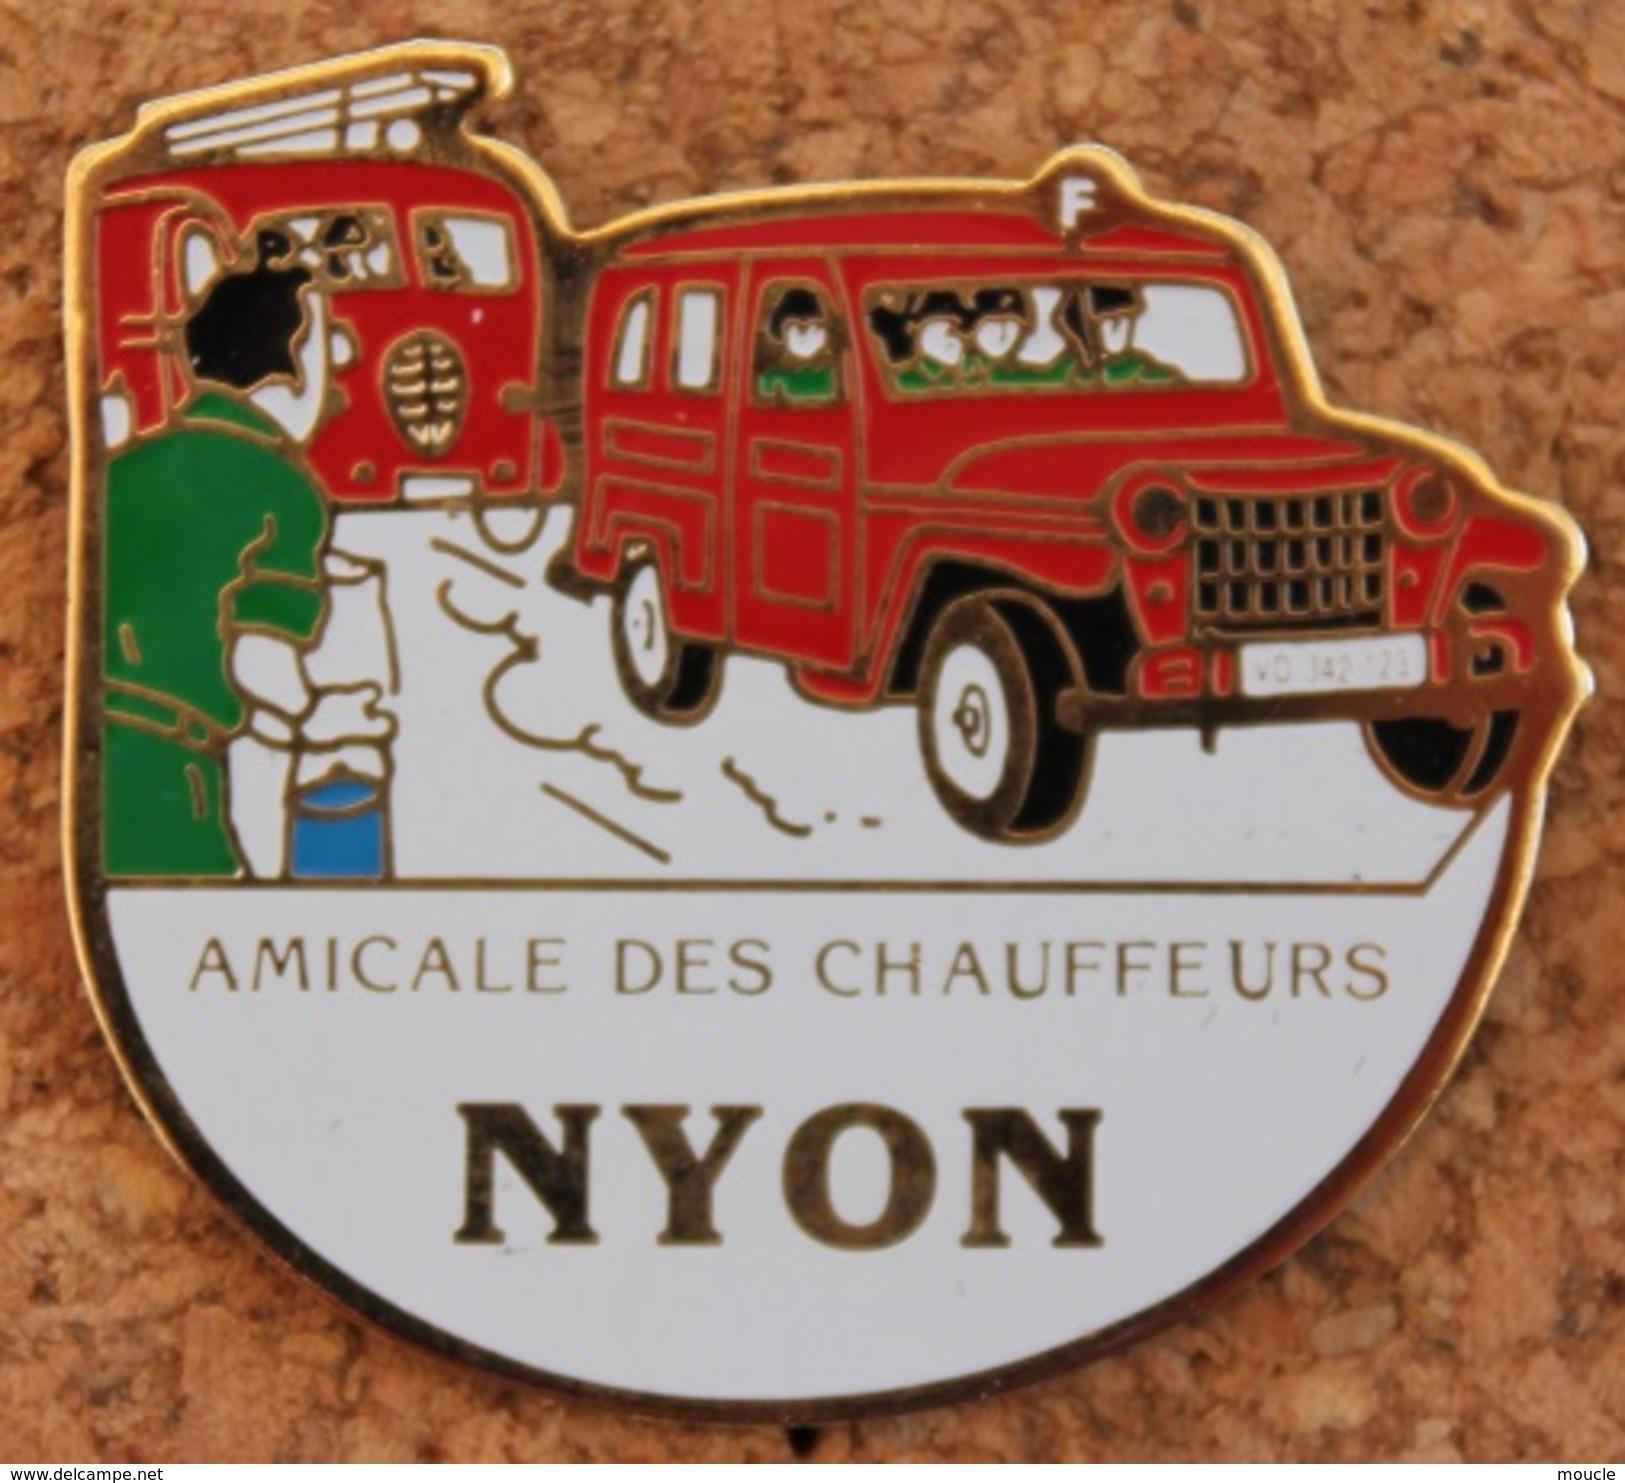 TINTIN - AMICALE DES CHAUFFEURS NYON - CANTON DE VAUD - CASE 1 - PAGE 27-L'AFFAIRE TOURNESOL- POMPIERS - HERGE -   (17) - BD